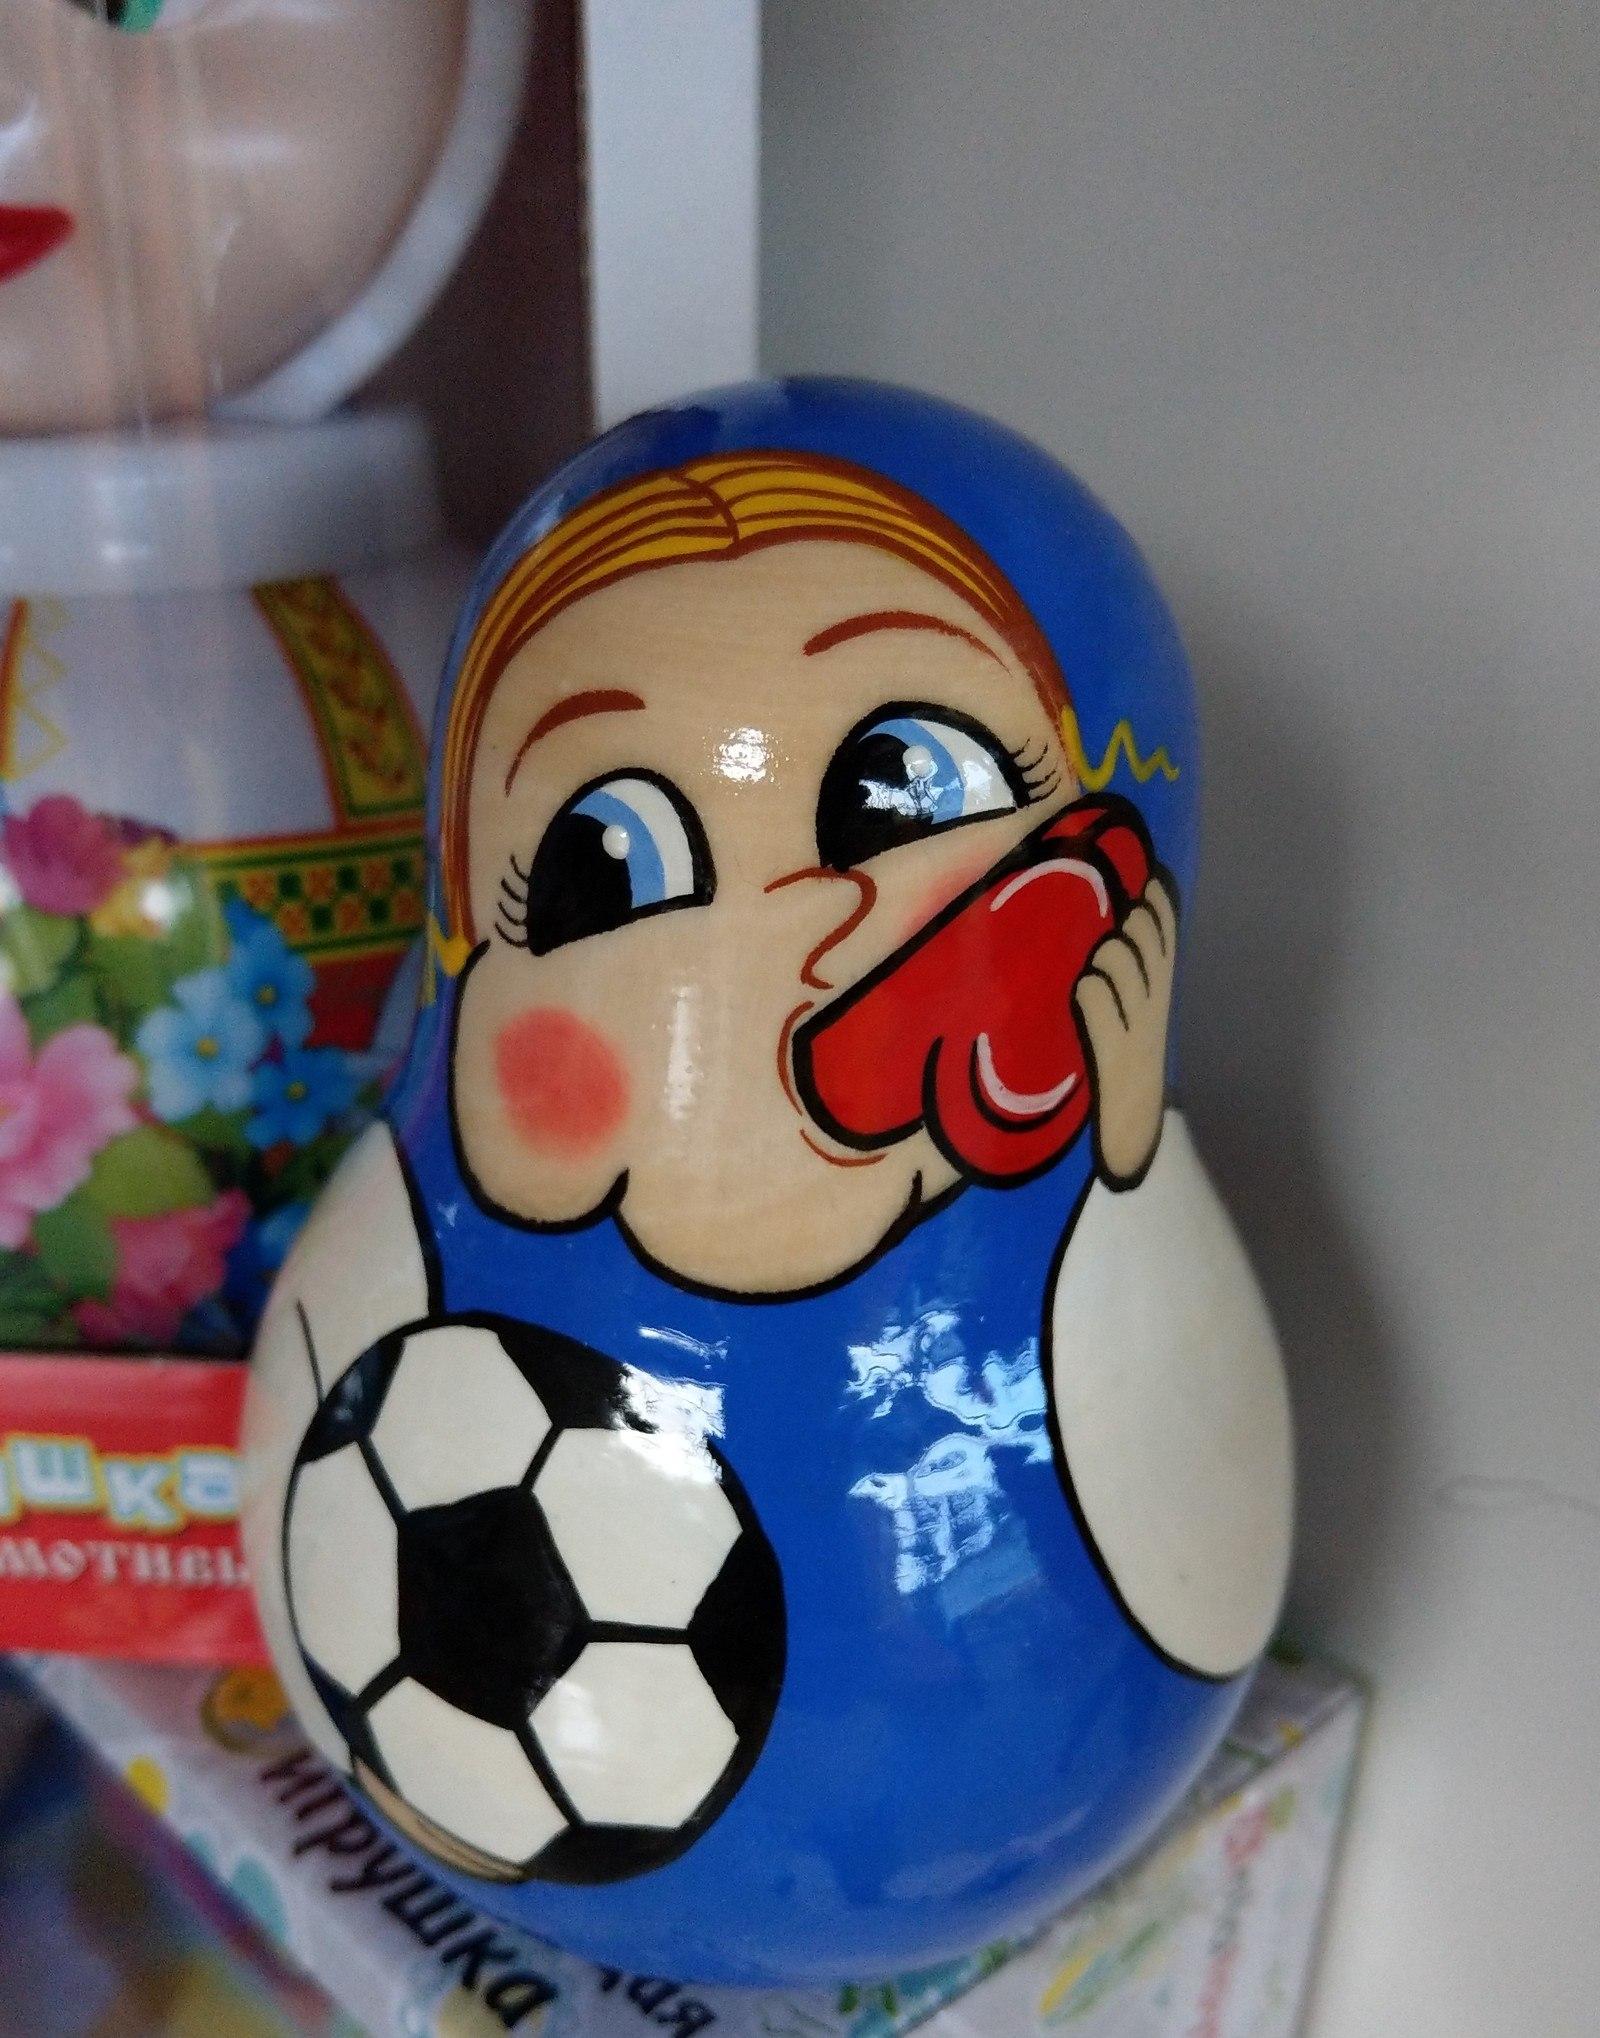 Весь российский футбол в одной игрушке